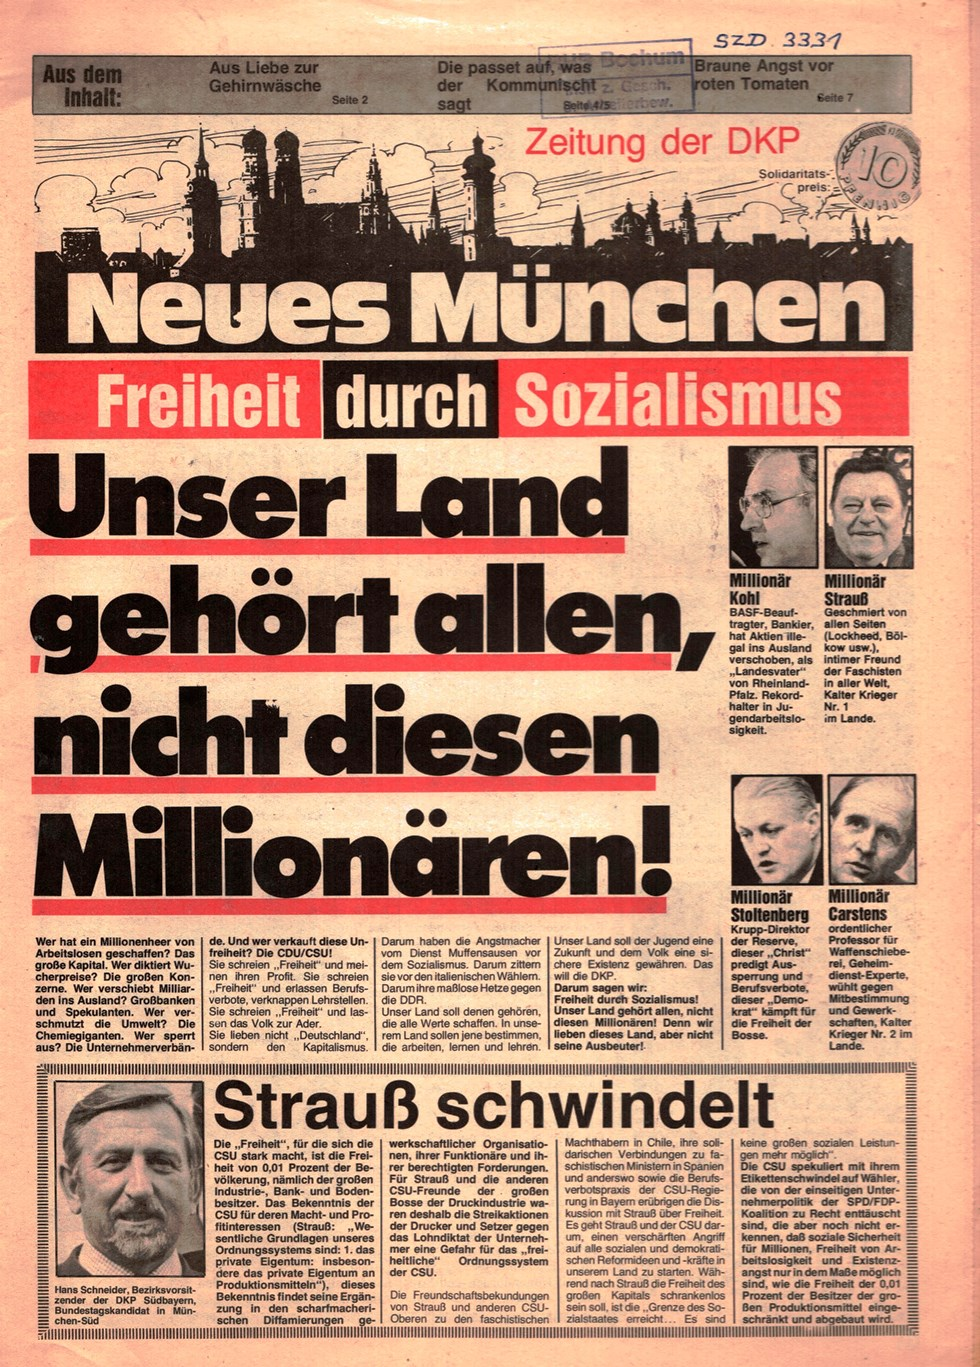 Muenchen_DKP_Neues_Muenchen_19760600_001